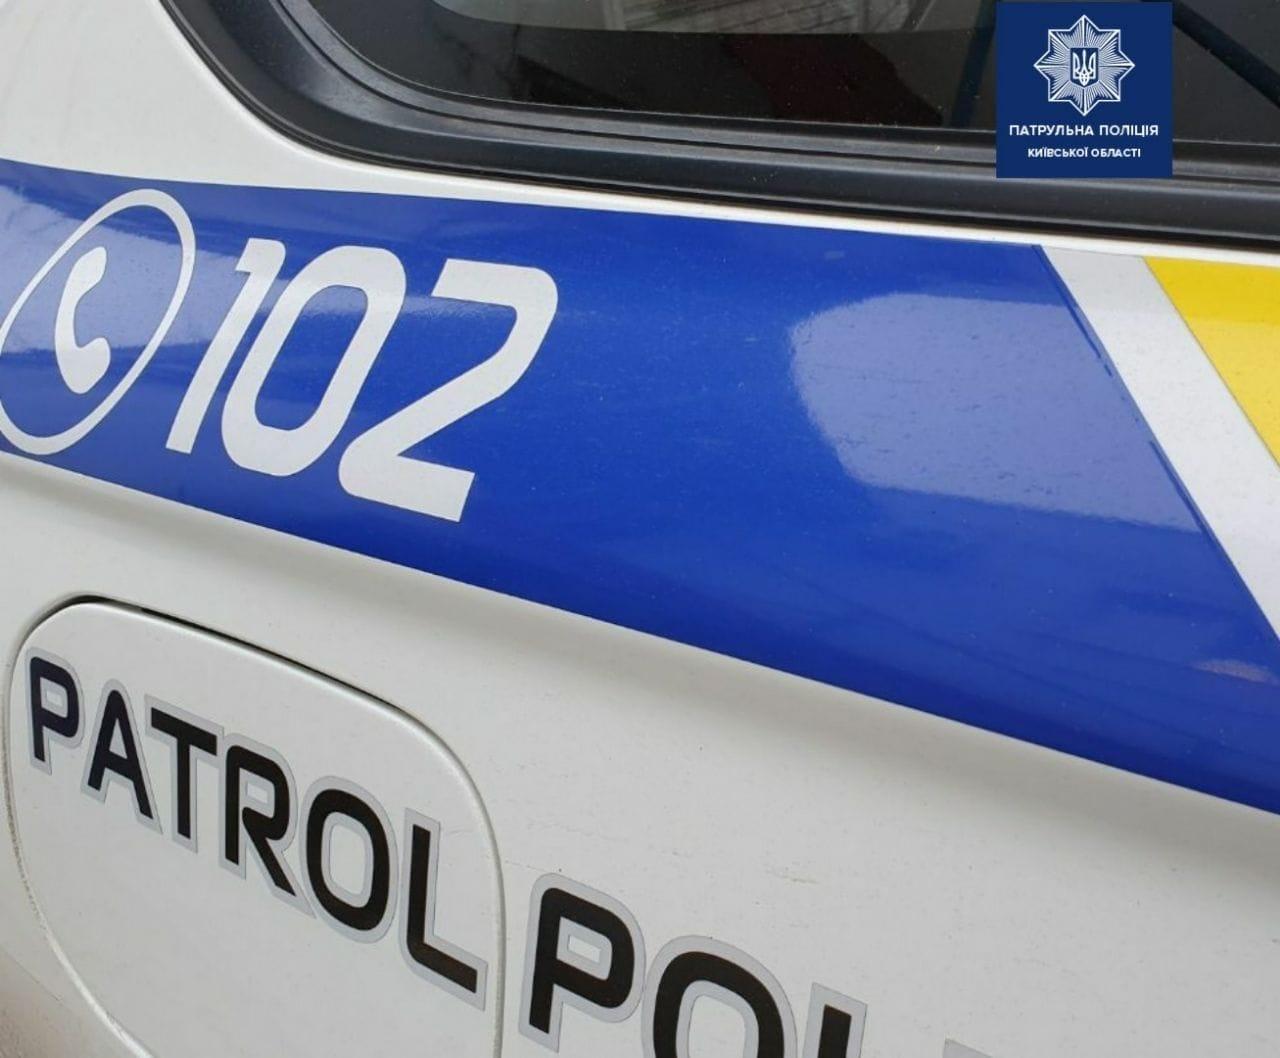 У Борисполі пограбували жінку біля супермаркету - пограбування, крадіжка - 153113696 2023502107823372 919168980030108157 o